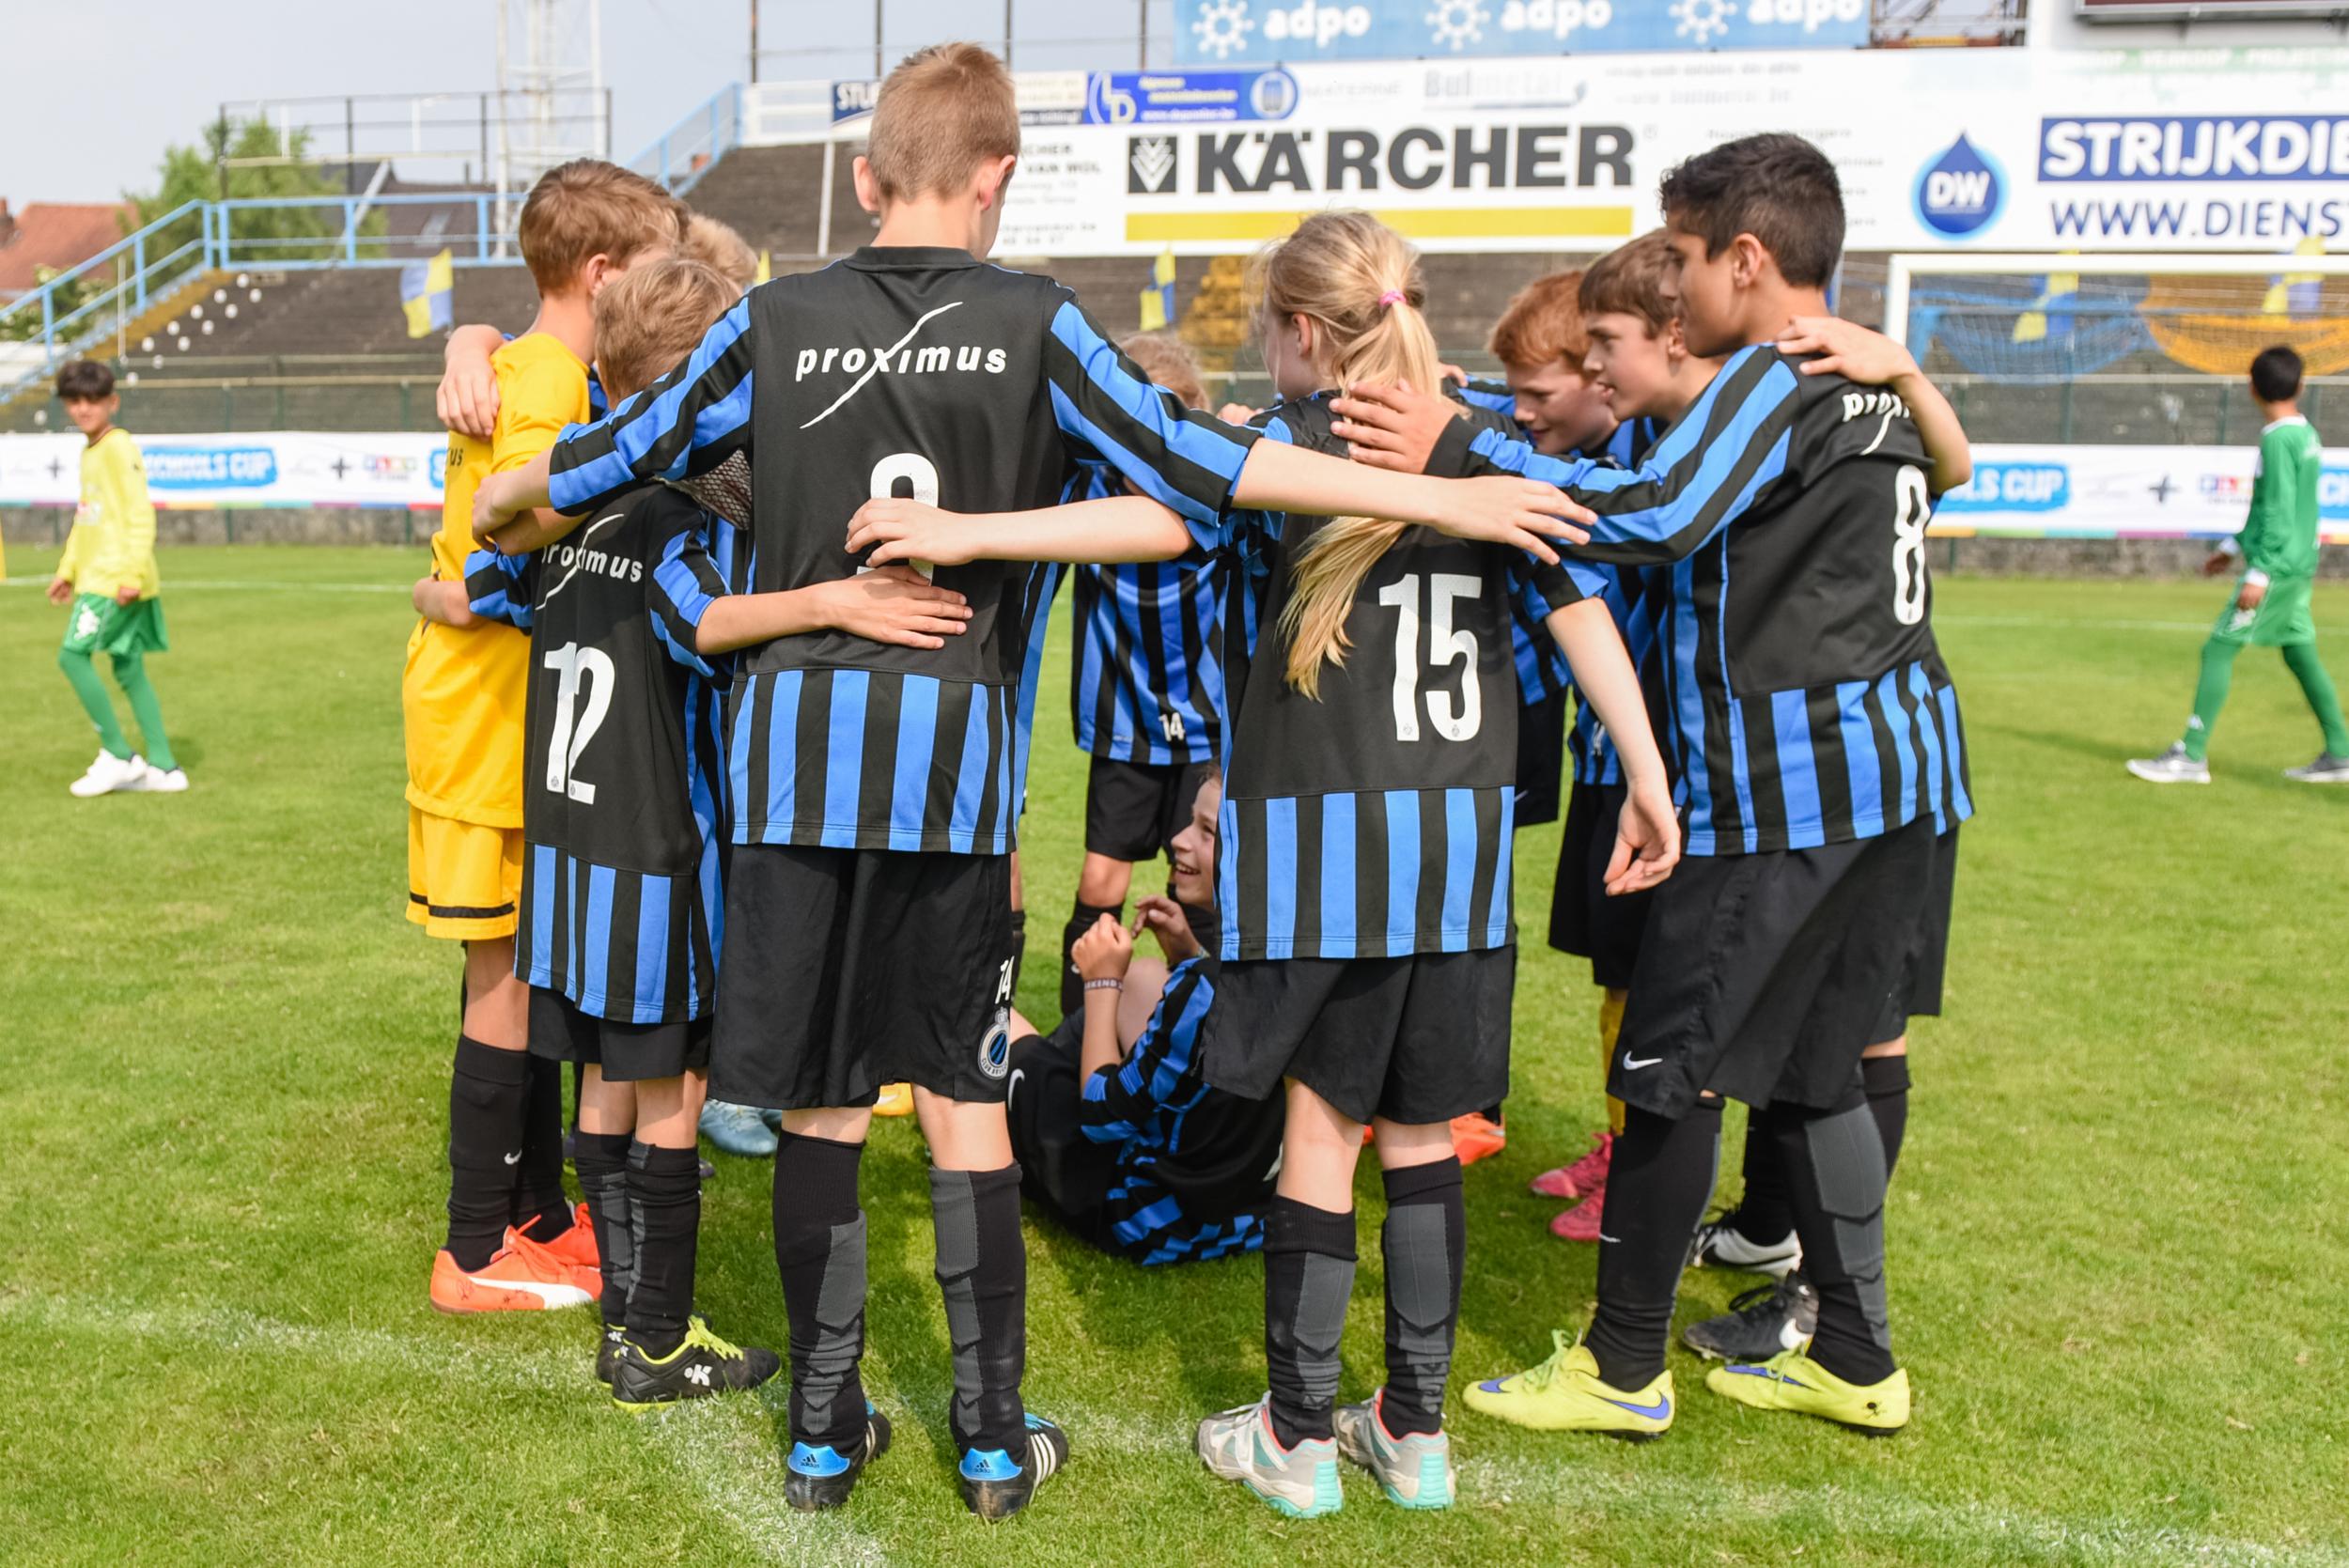 Schools Cup 2016